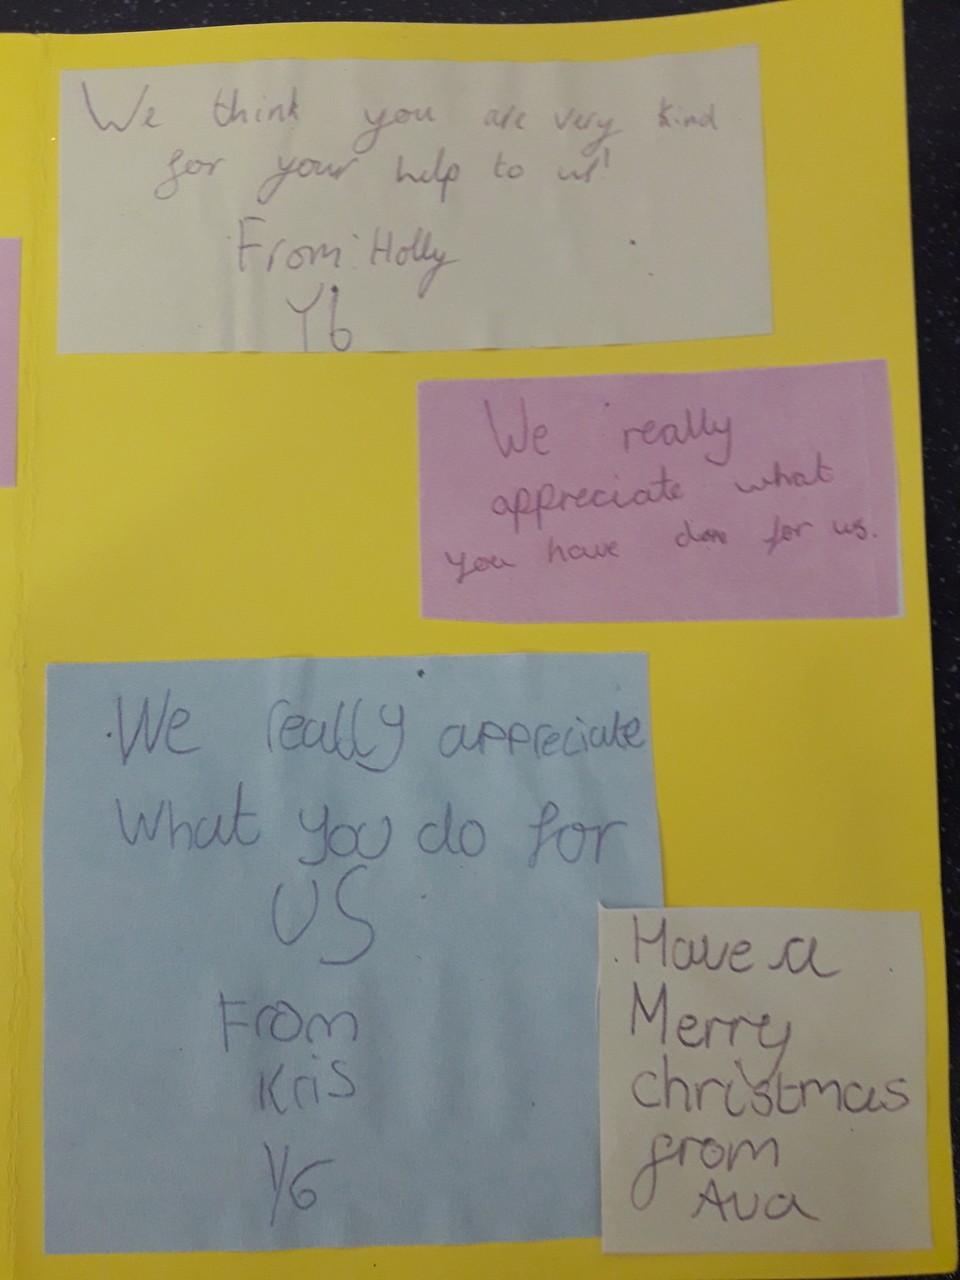 CHRISTMAS CARD THANK YOU | Asda Reddish